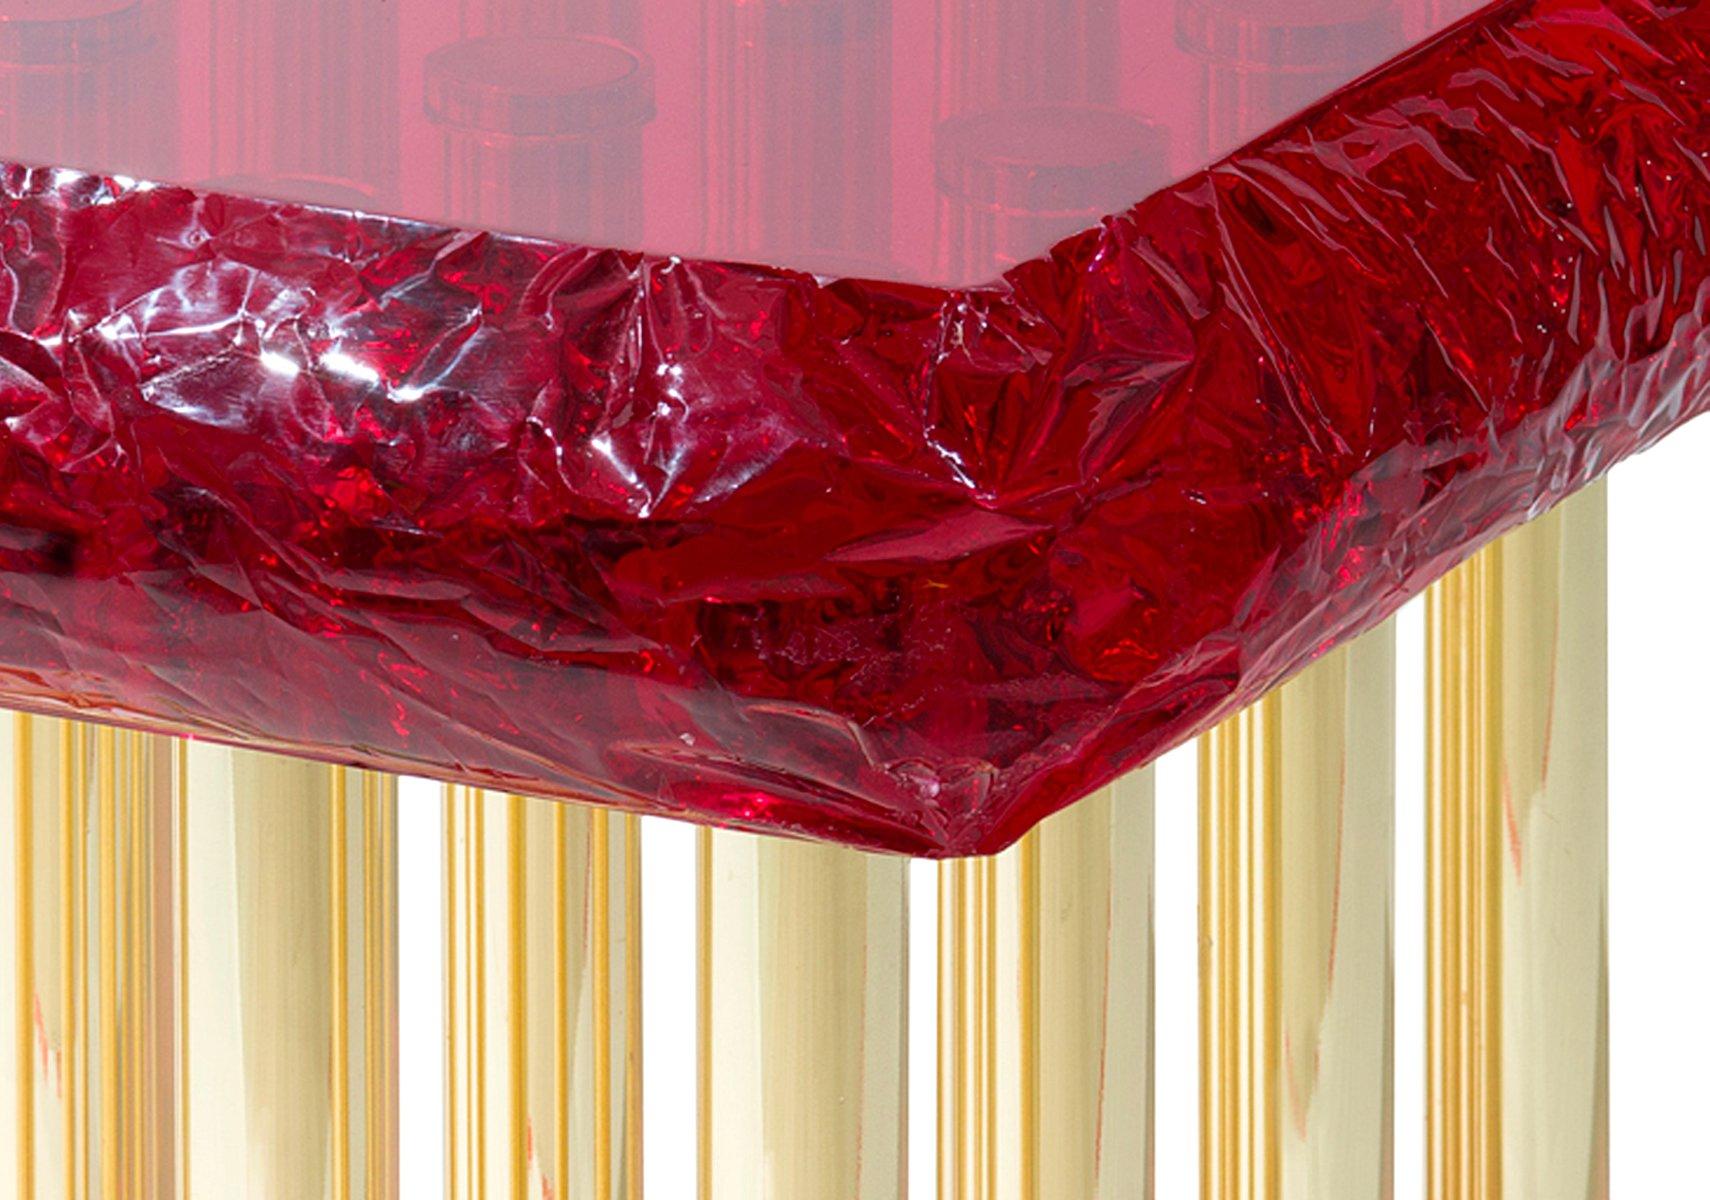 Mou couchtisch in rot von studio superego bei pamono kaufen for Couchtisch rot